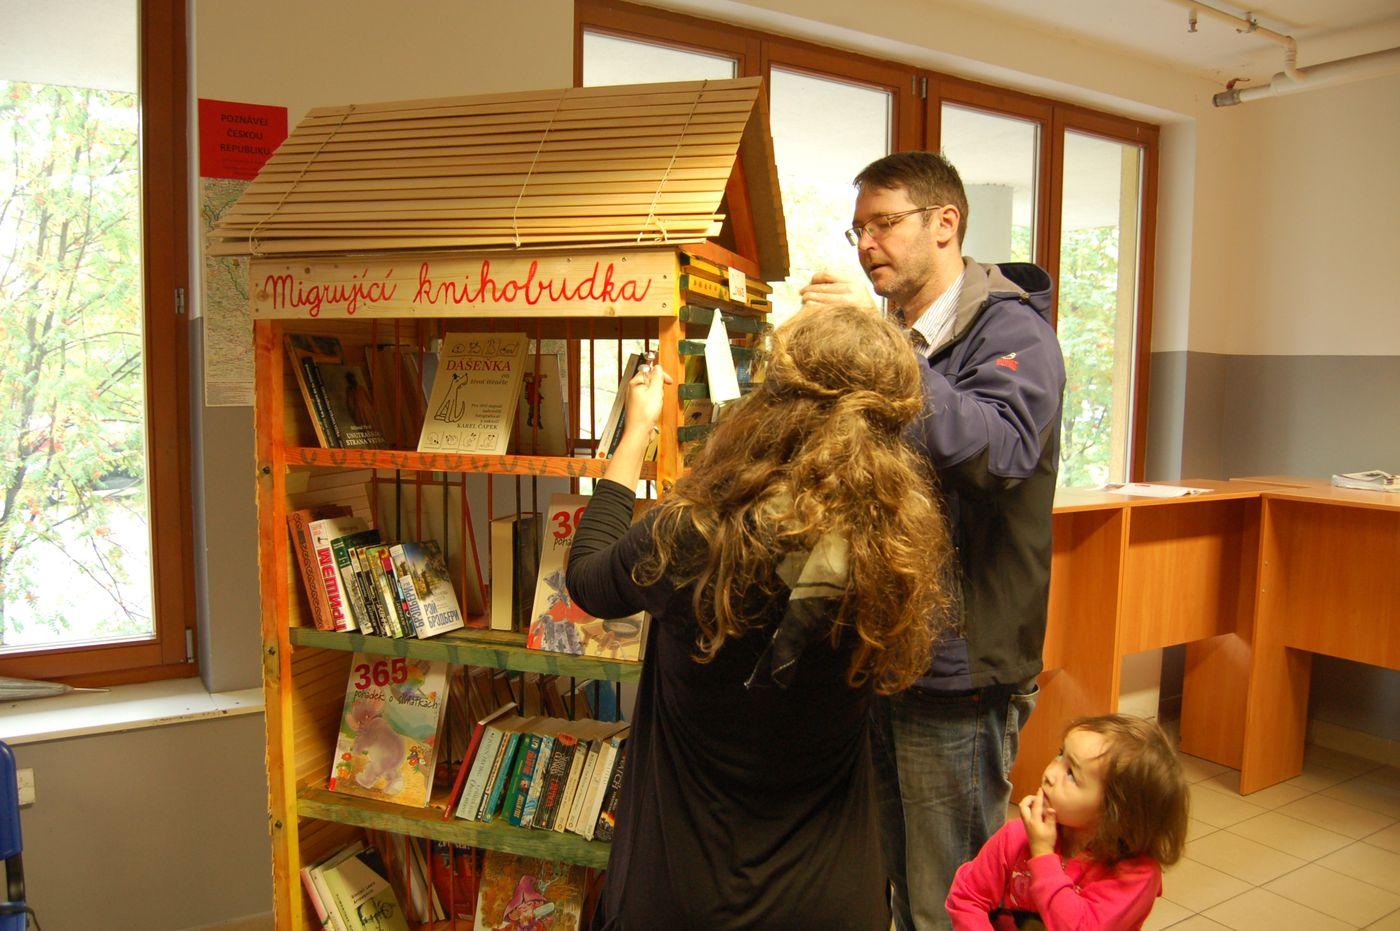 Umisťování knihobudky